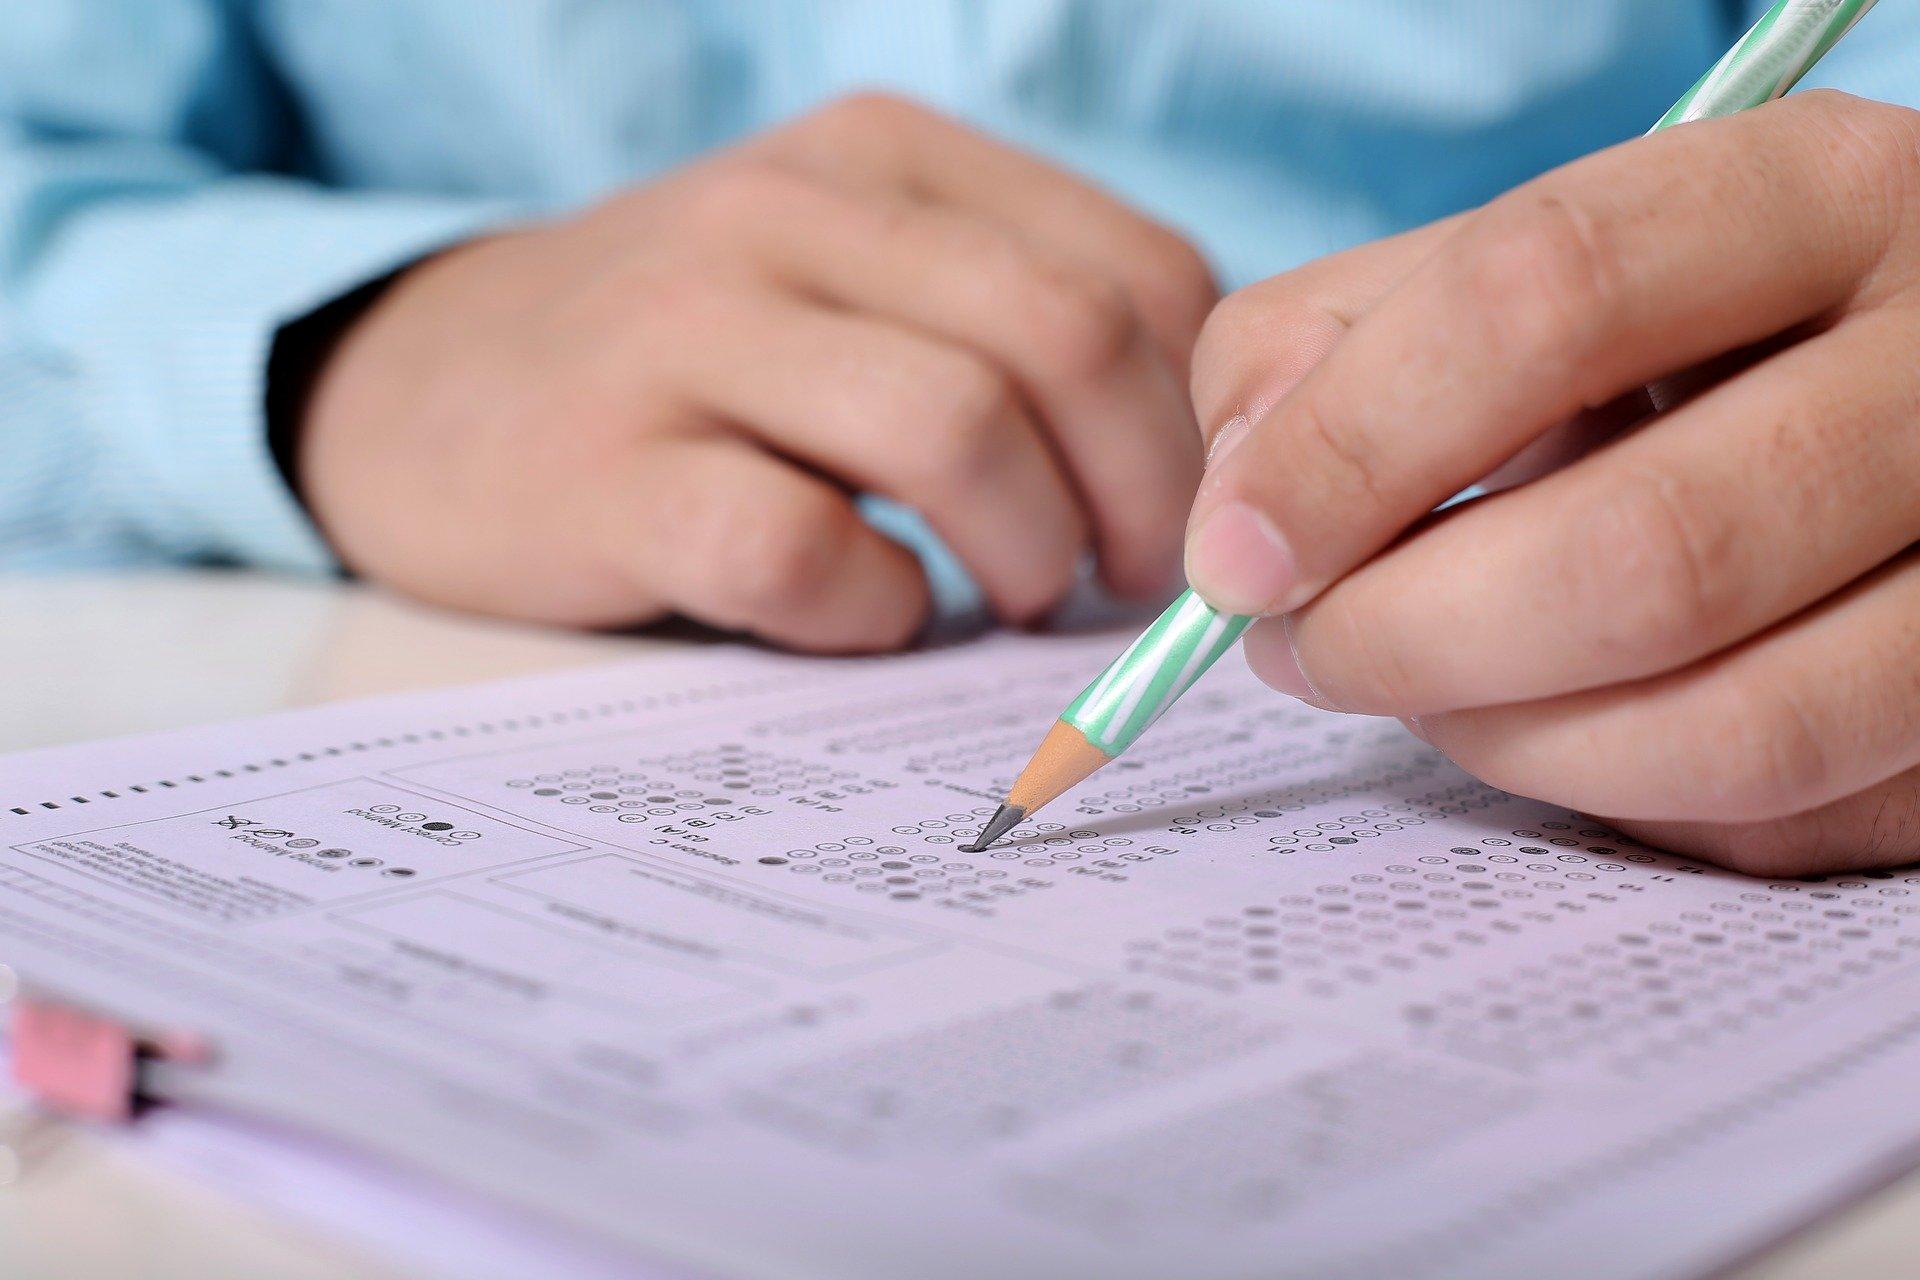 就活の一般常識テストとは?内容や対策方法、おすすめの本なども紹介!